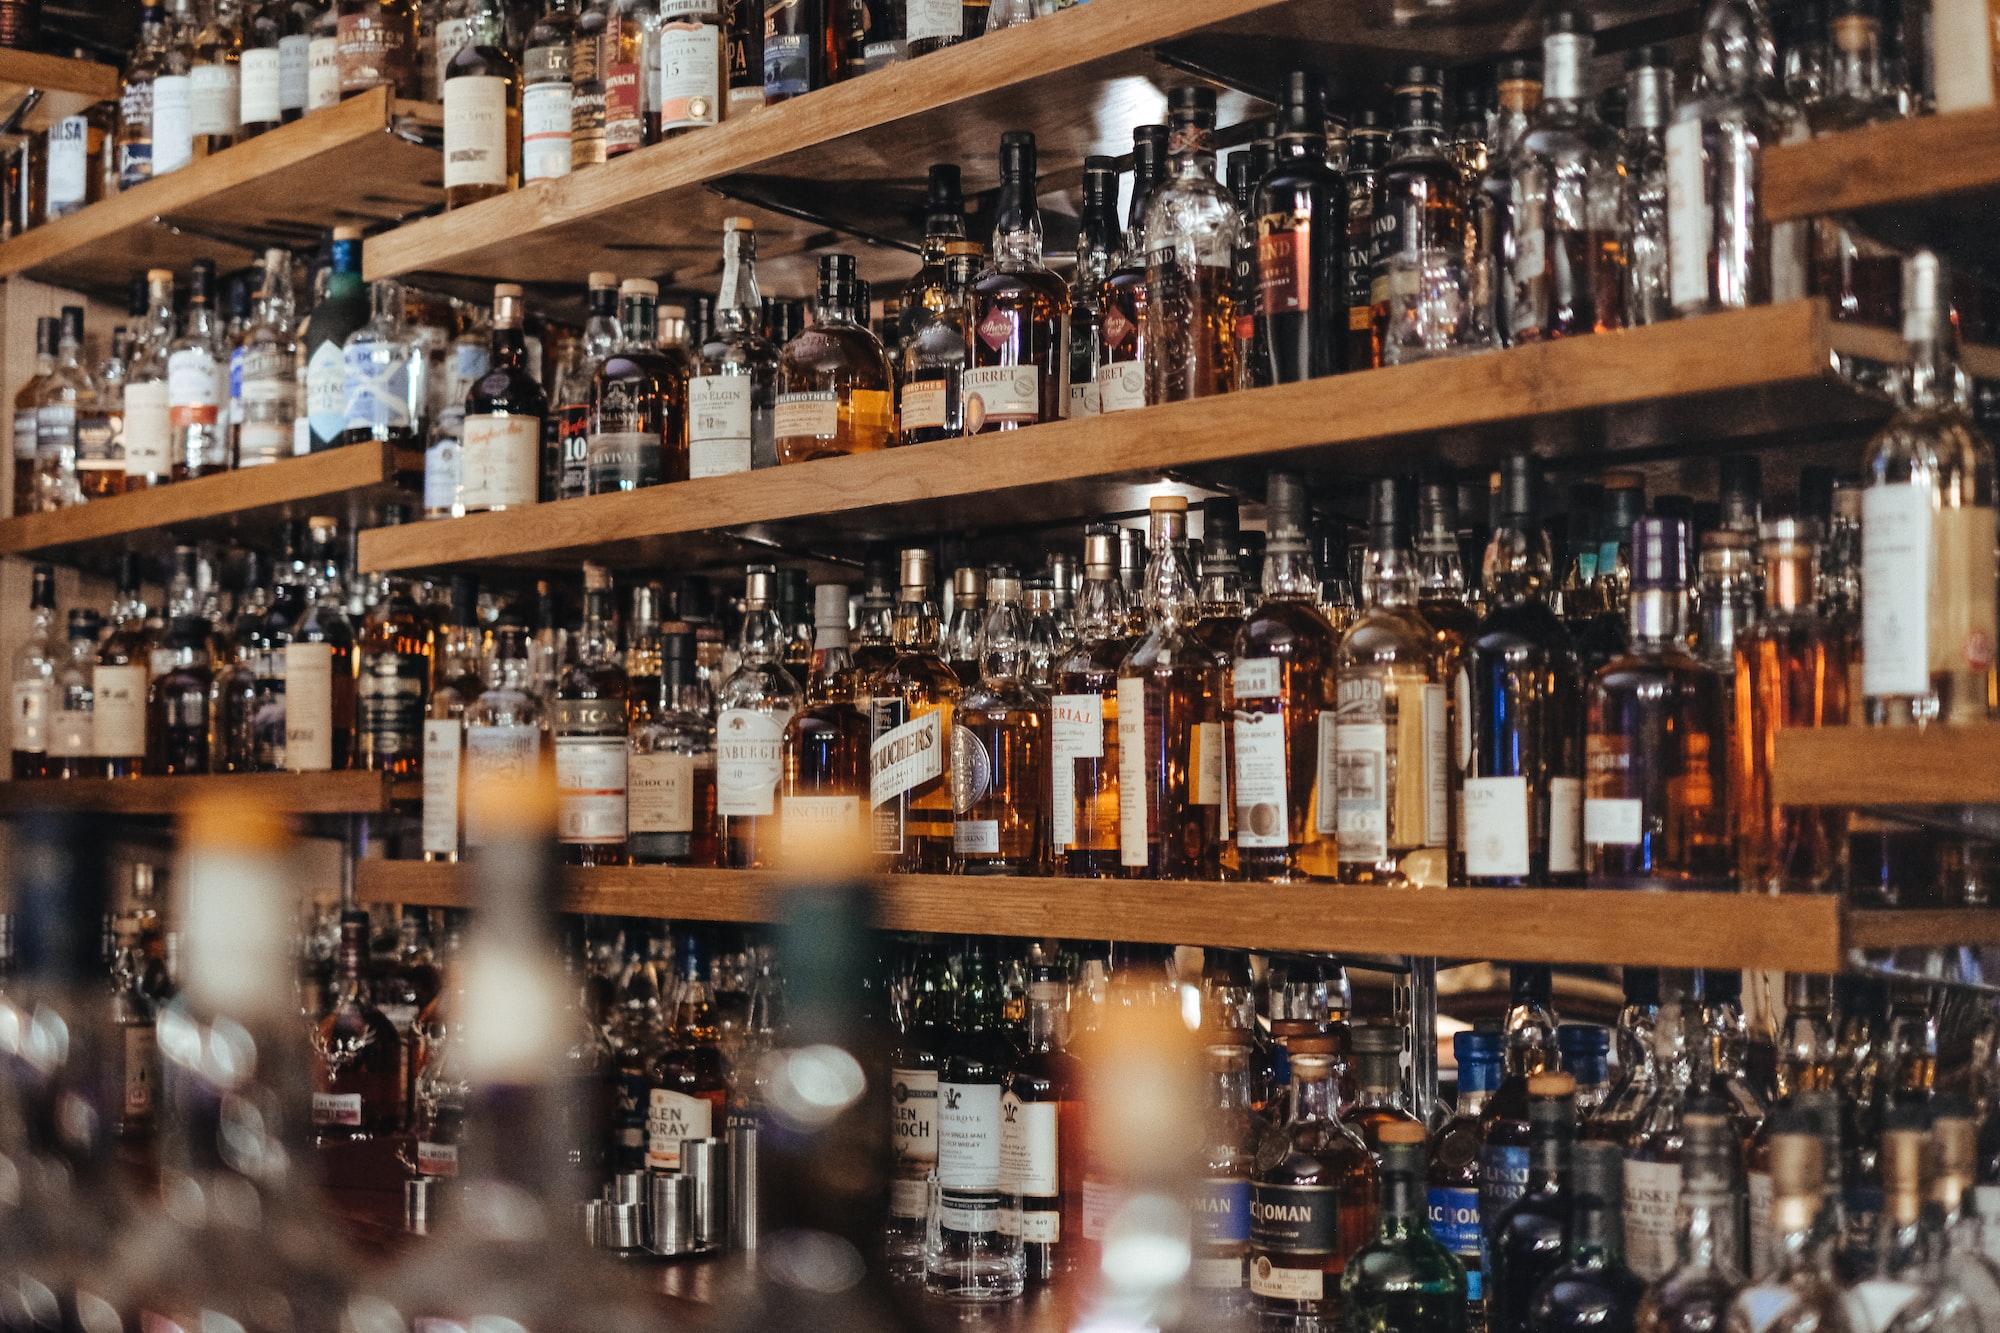 永久使用酒类批发价有助服务业复苏